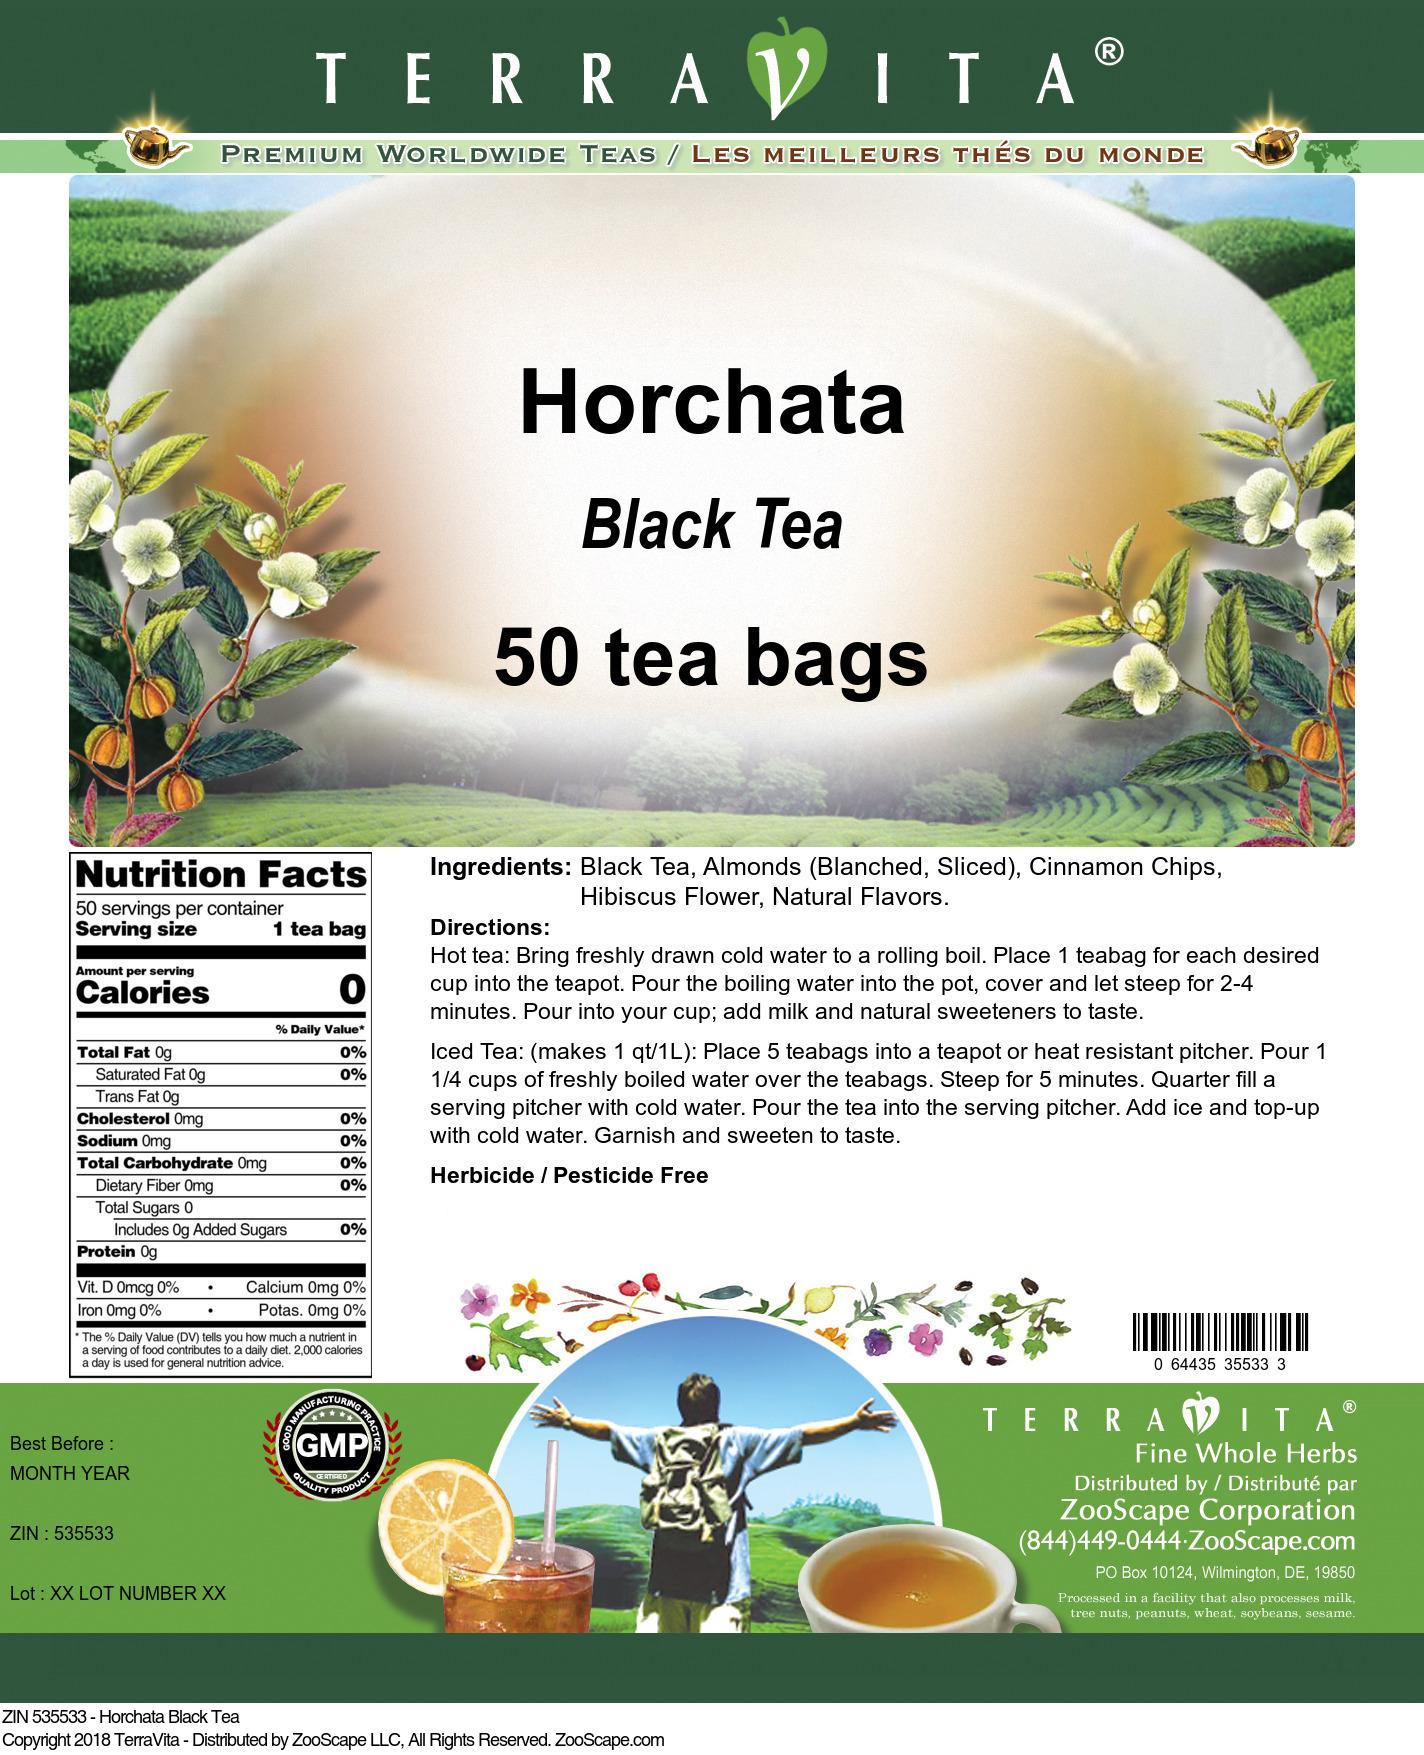 Horchata Black Tea